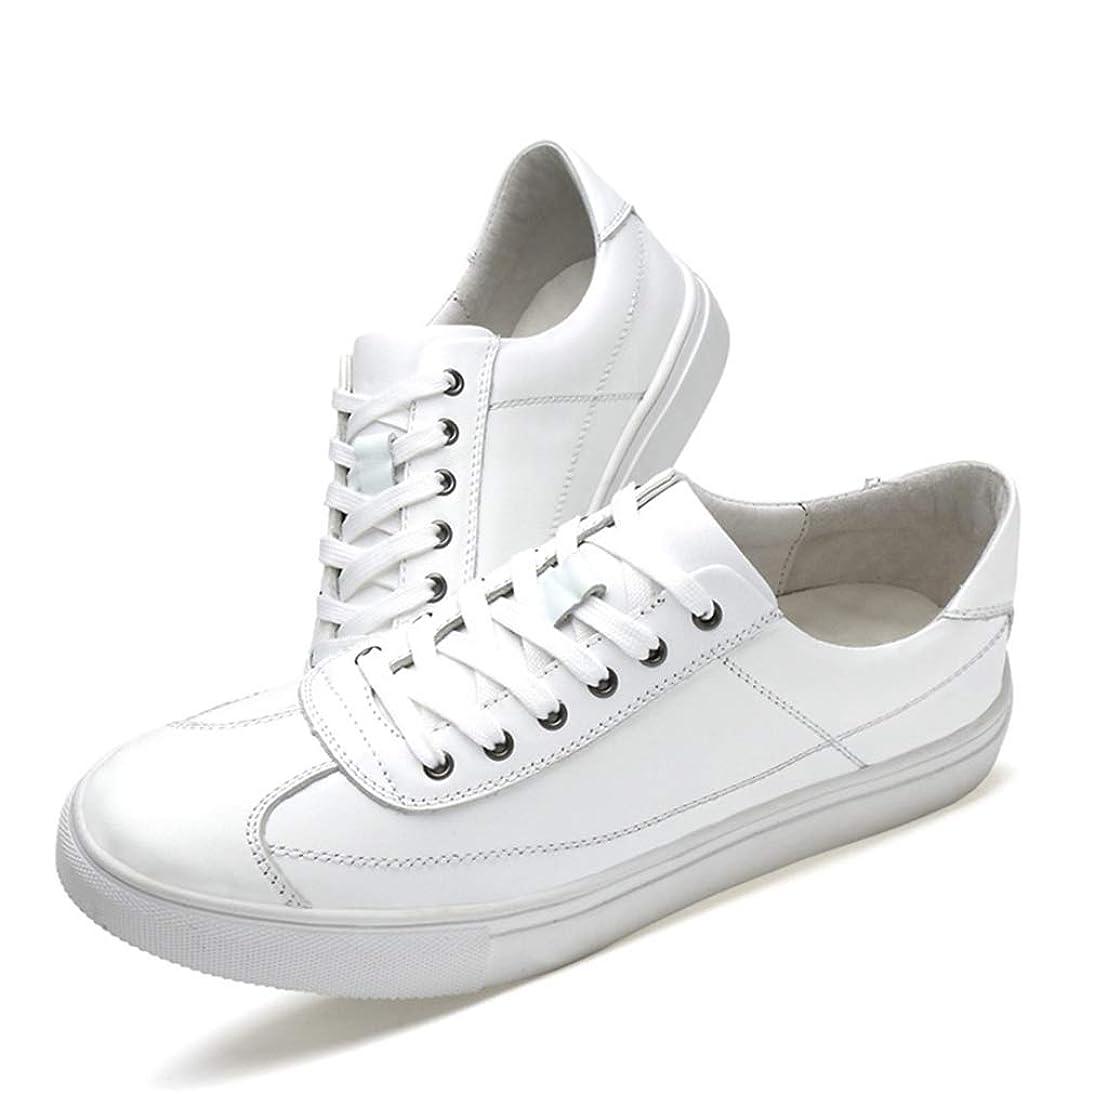 リマークパールそのような[OceanMap] 本革 スニーカー メンズ レディース おしゃれ 白の靴 トレンド レースアップ ローカット 厚底 スニーカー デッキシューズ 軽量 歩きやすい 大きいサイズ 小さいサイズ レースアップシューズ 通勤 通学 日常 旅行 アウトドア